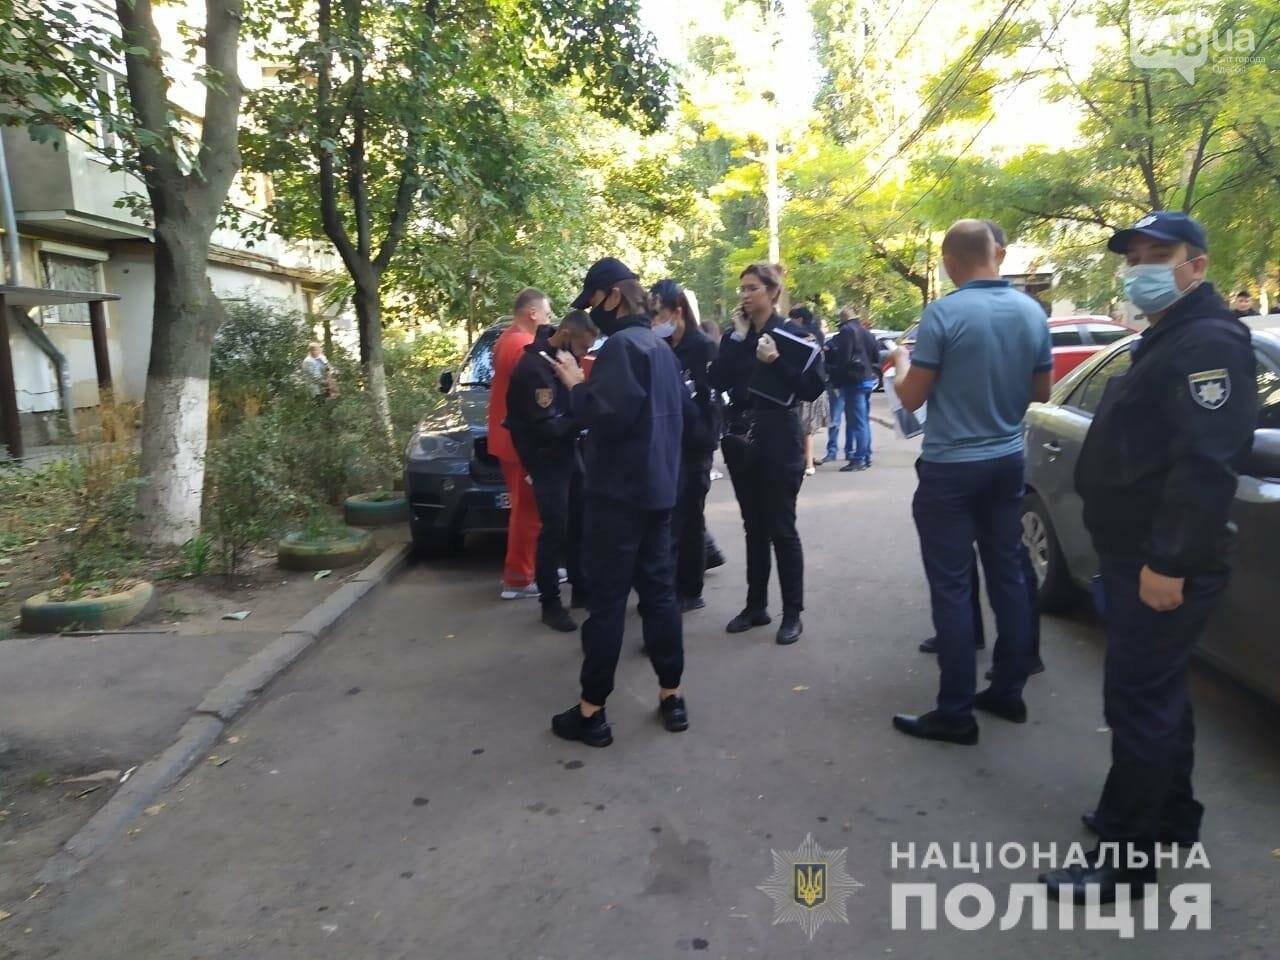 В Одессе рано утром в аптеке убили фармацевта,- ФОТО 18+7